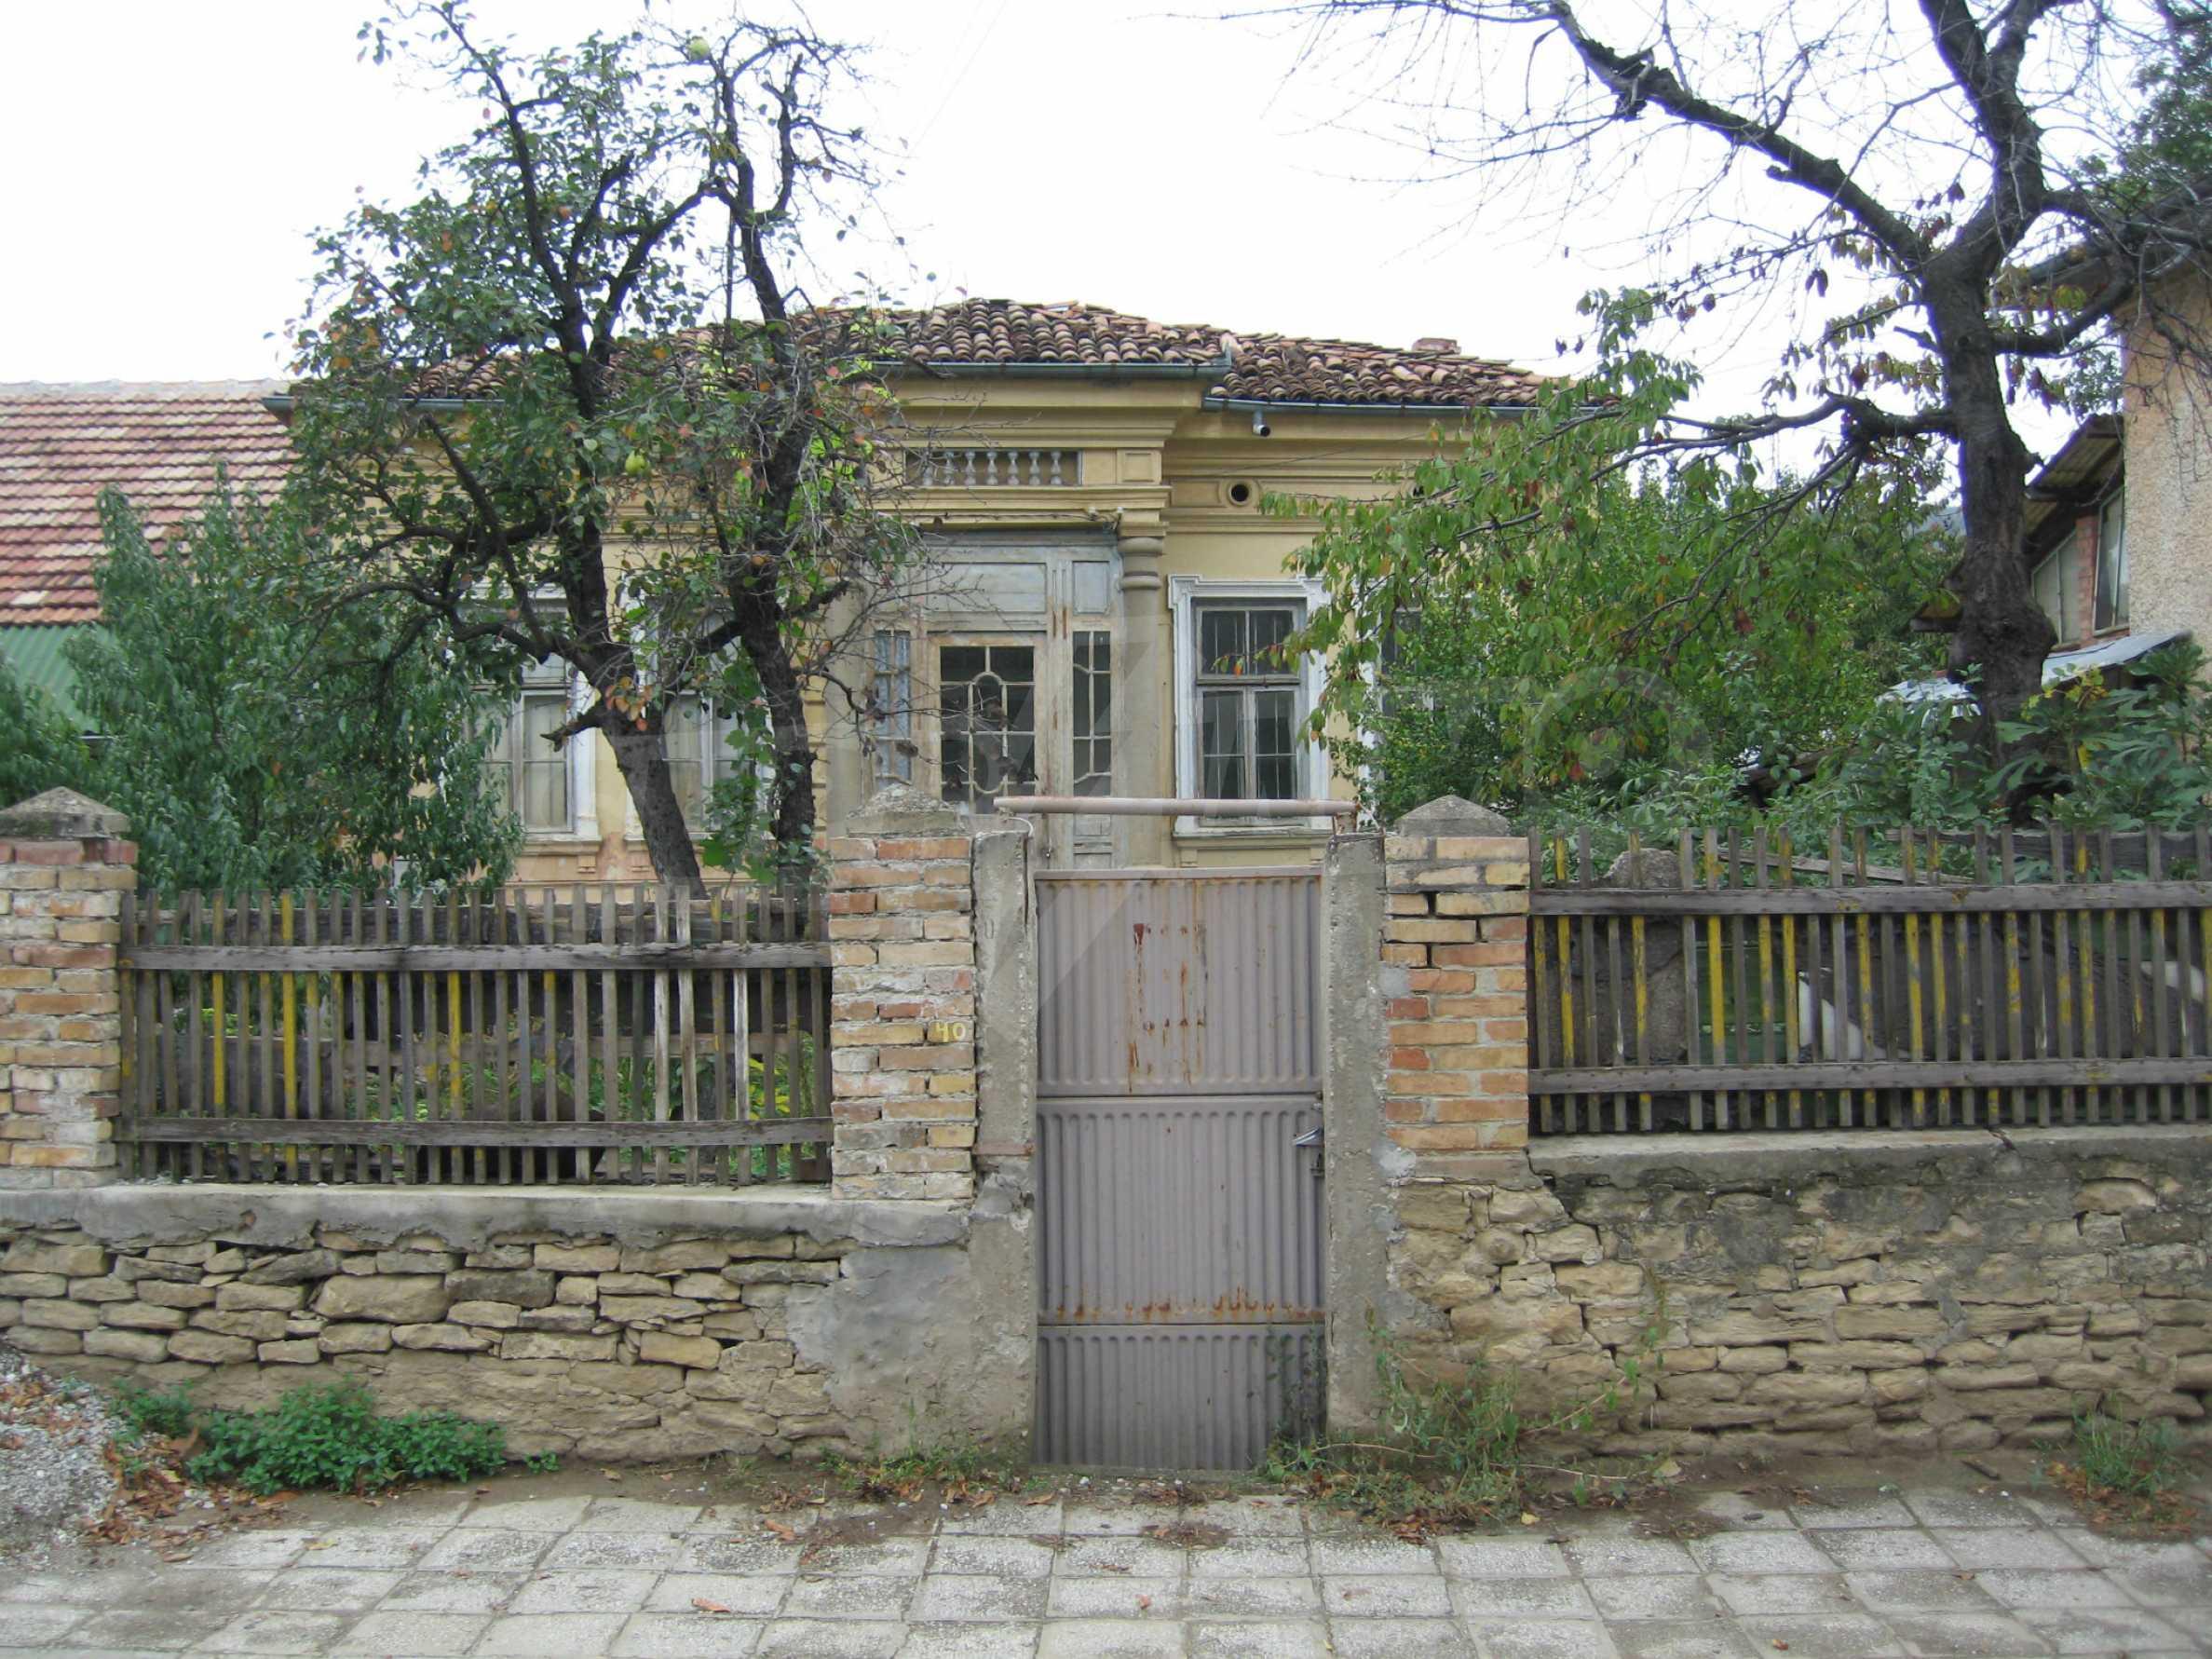 Einstöckiges Haus in einer kleinen Stadt, nur 15 km von Pavlikeni entfernt 19